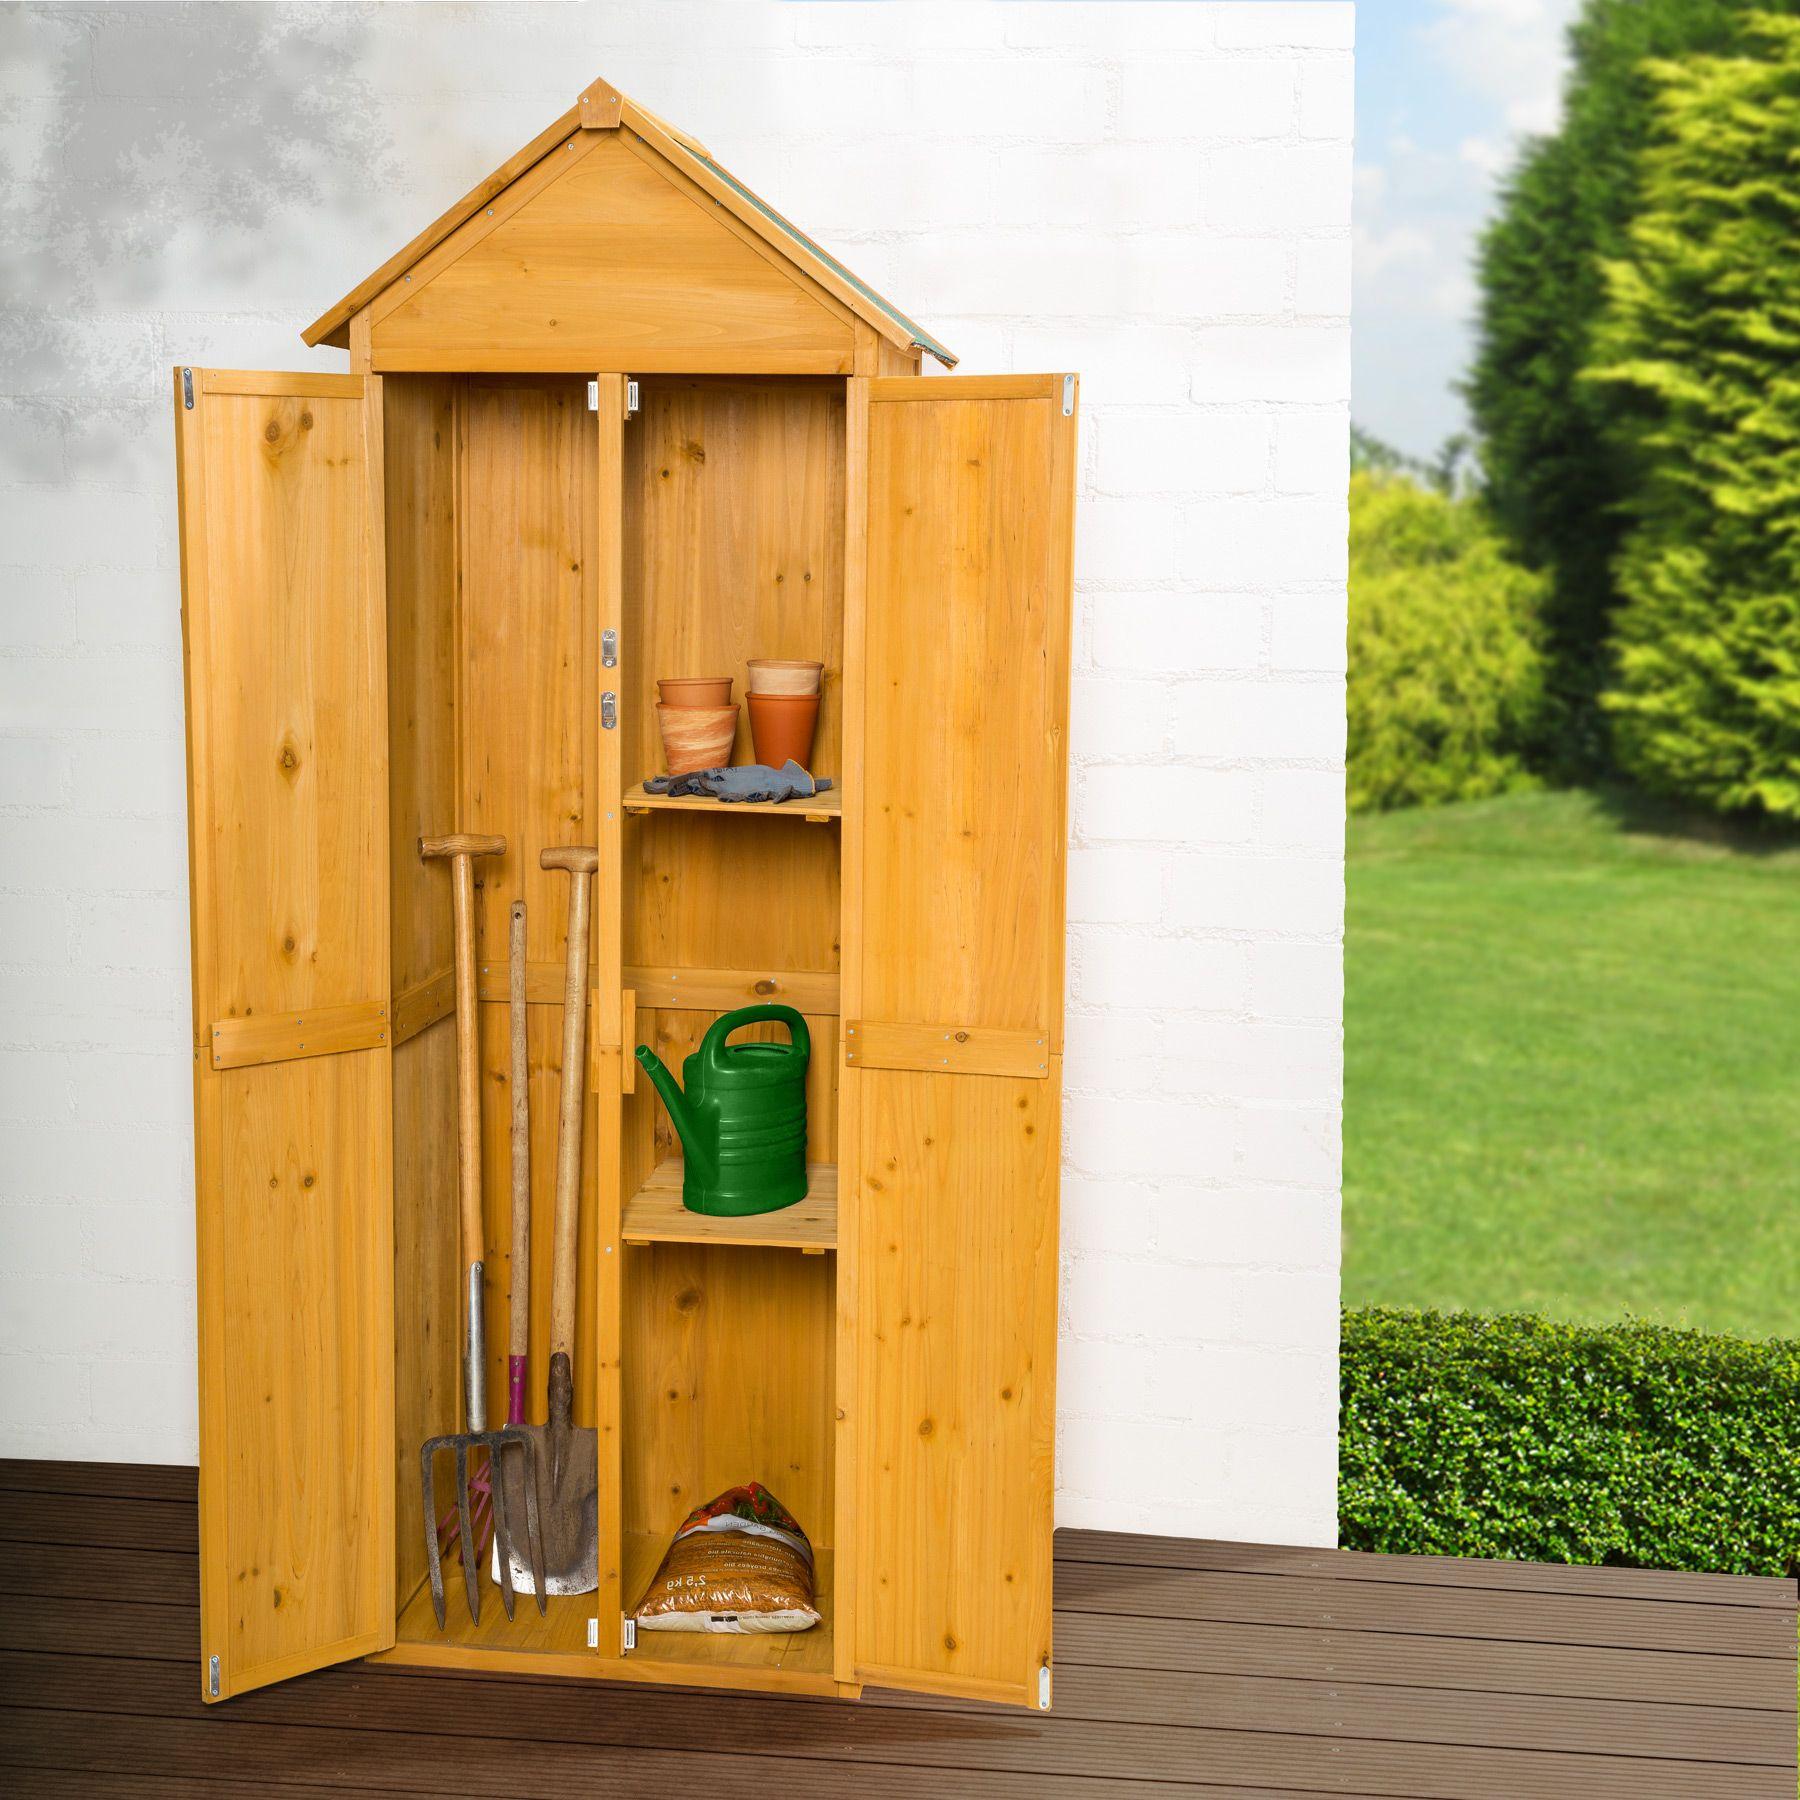 armoire de jardin remise pour outils abri atelier bois toit pente